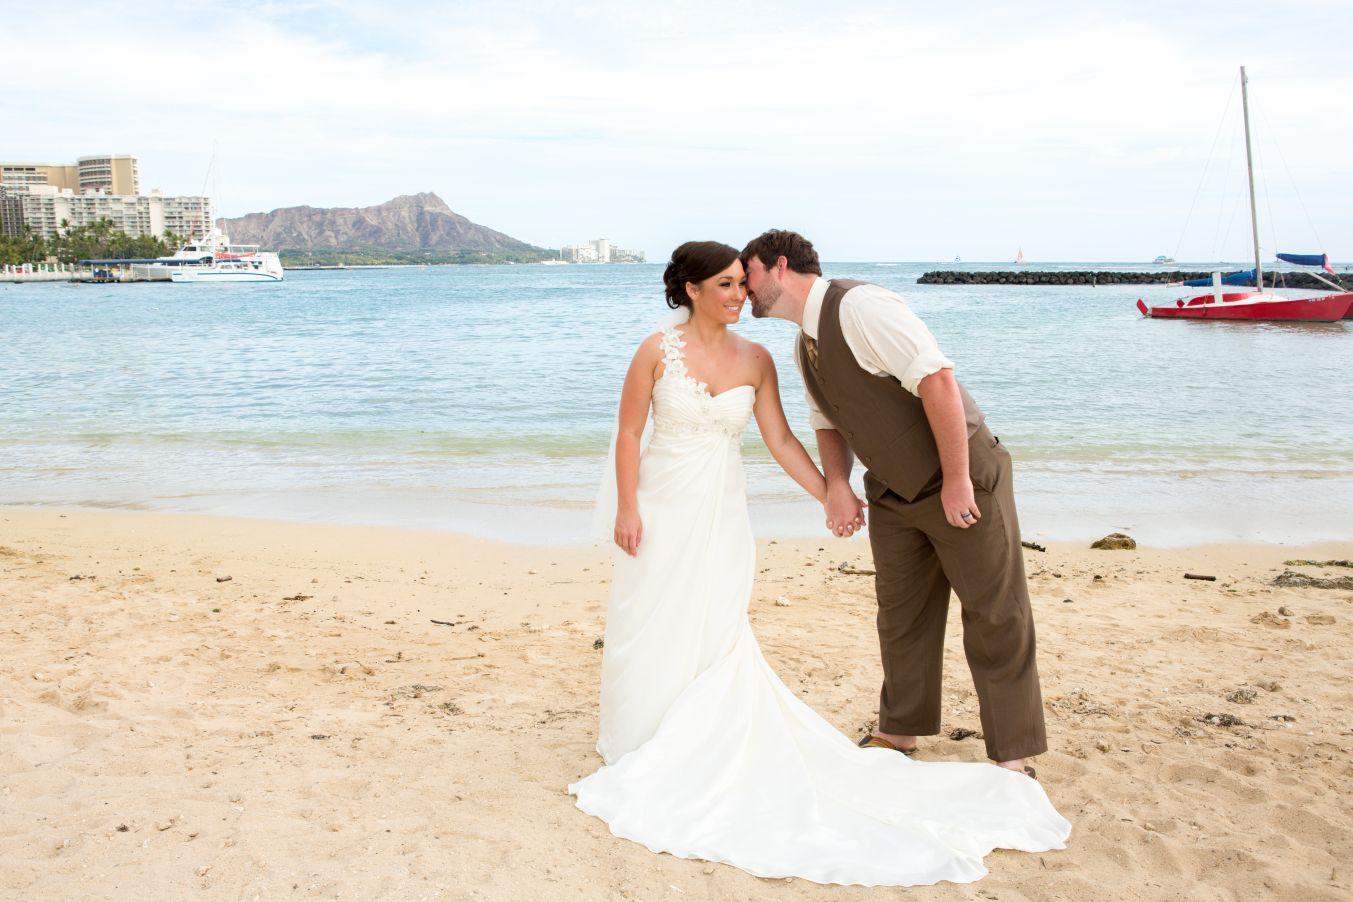 Todo Incluido boda - Paquetes de Viaje - Bodas de Hawai